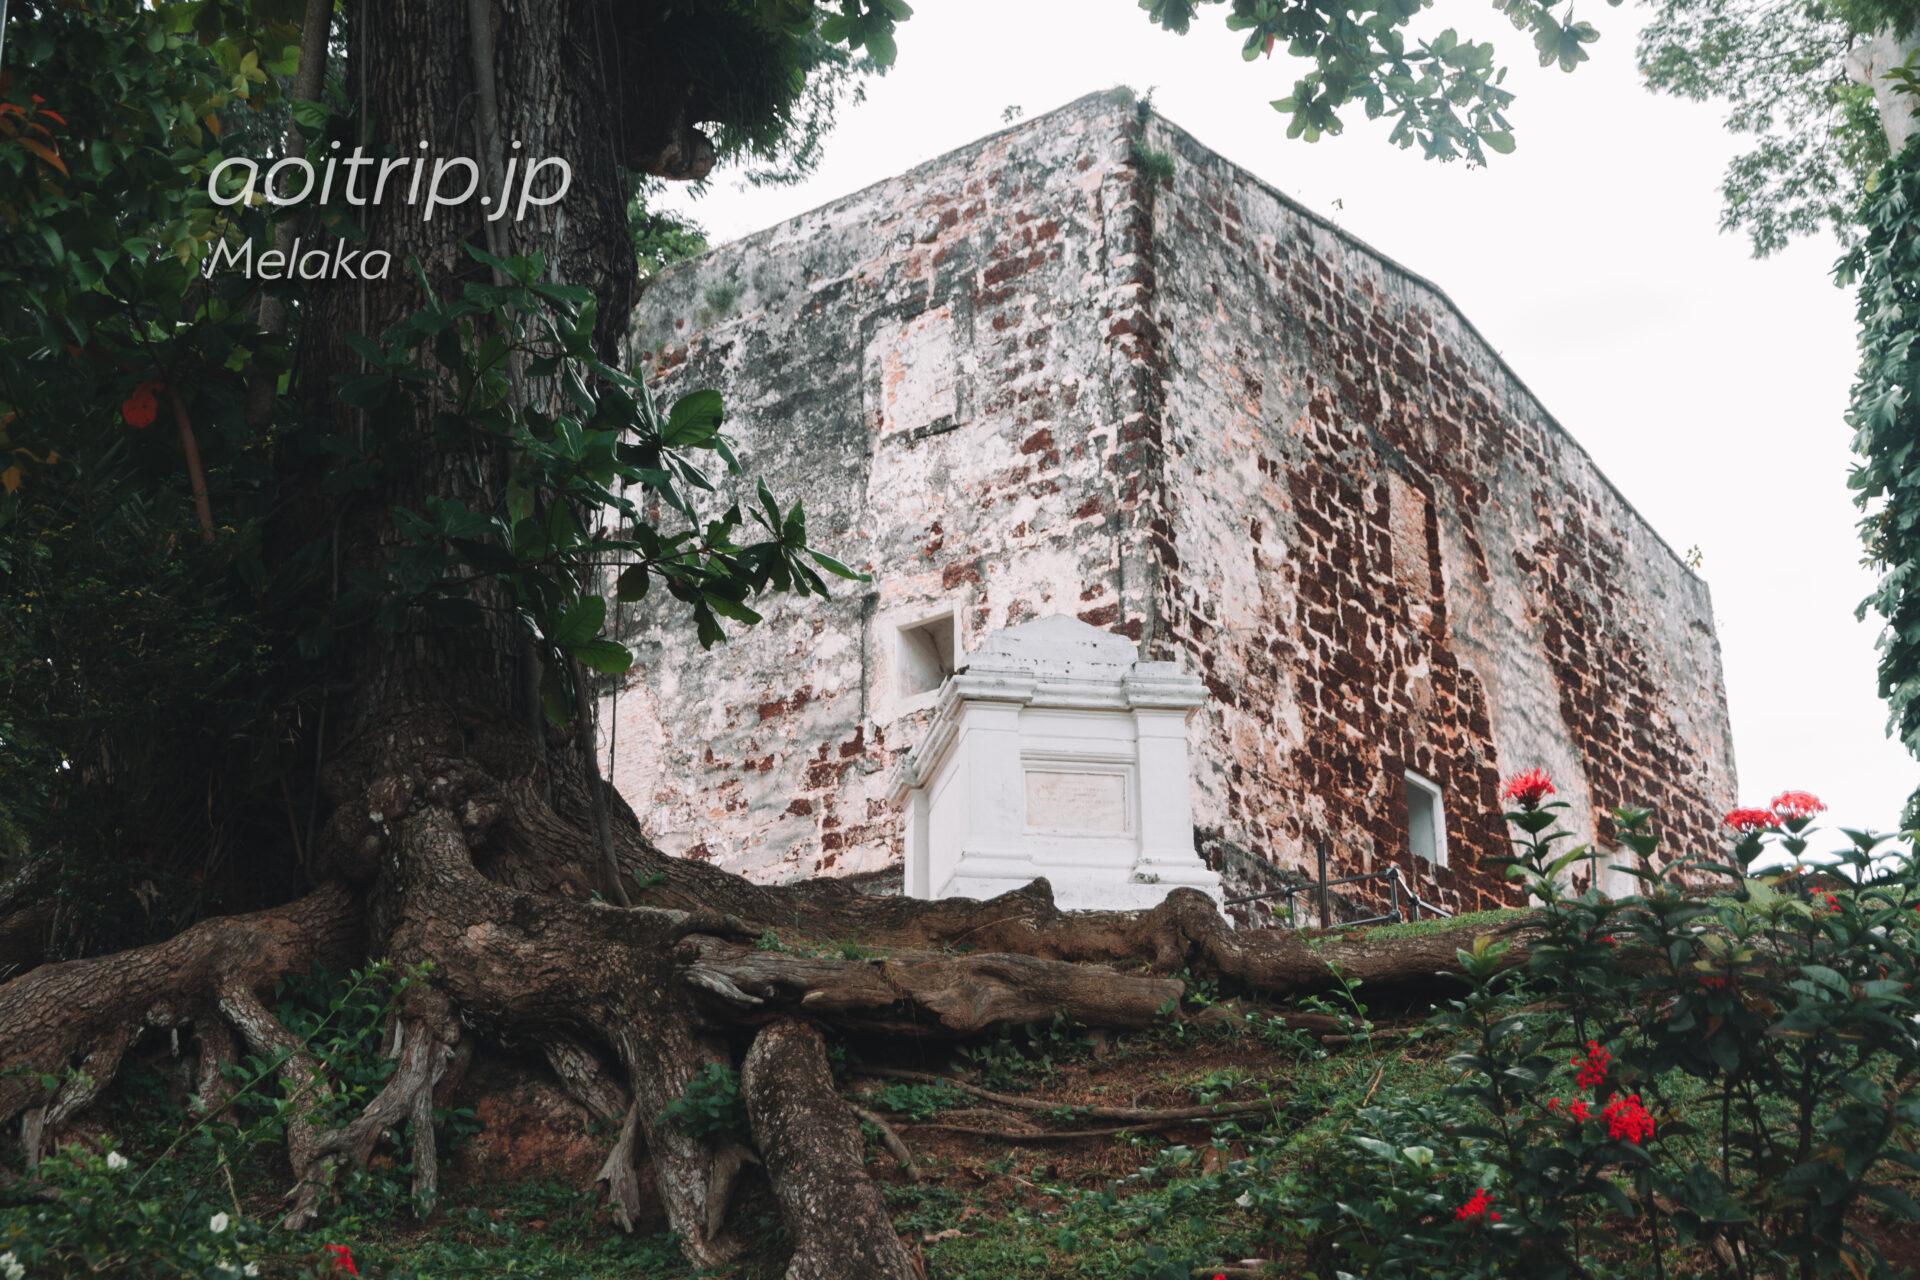 マラッカのセントポール教会跡 St. Paul's Church